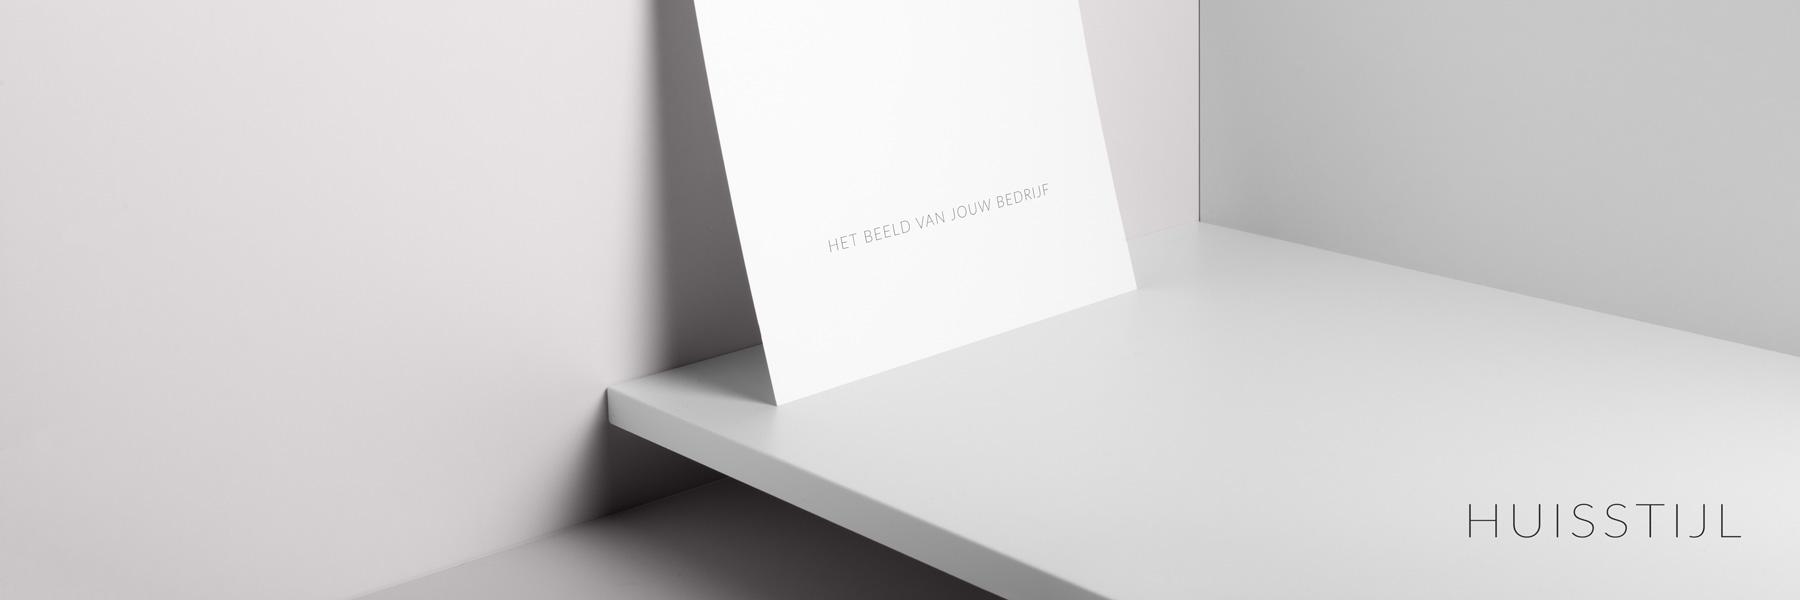 Grafisch zakelijk - huisstijl - logo, briefpapier, een website, producten en verpakkingen vormen de identiteit van het merk als geheel